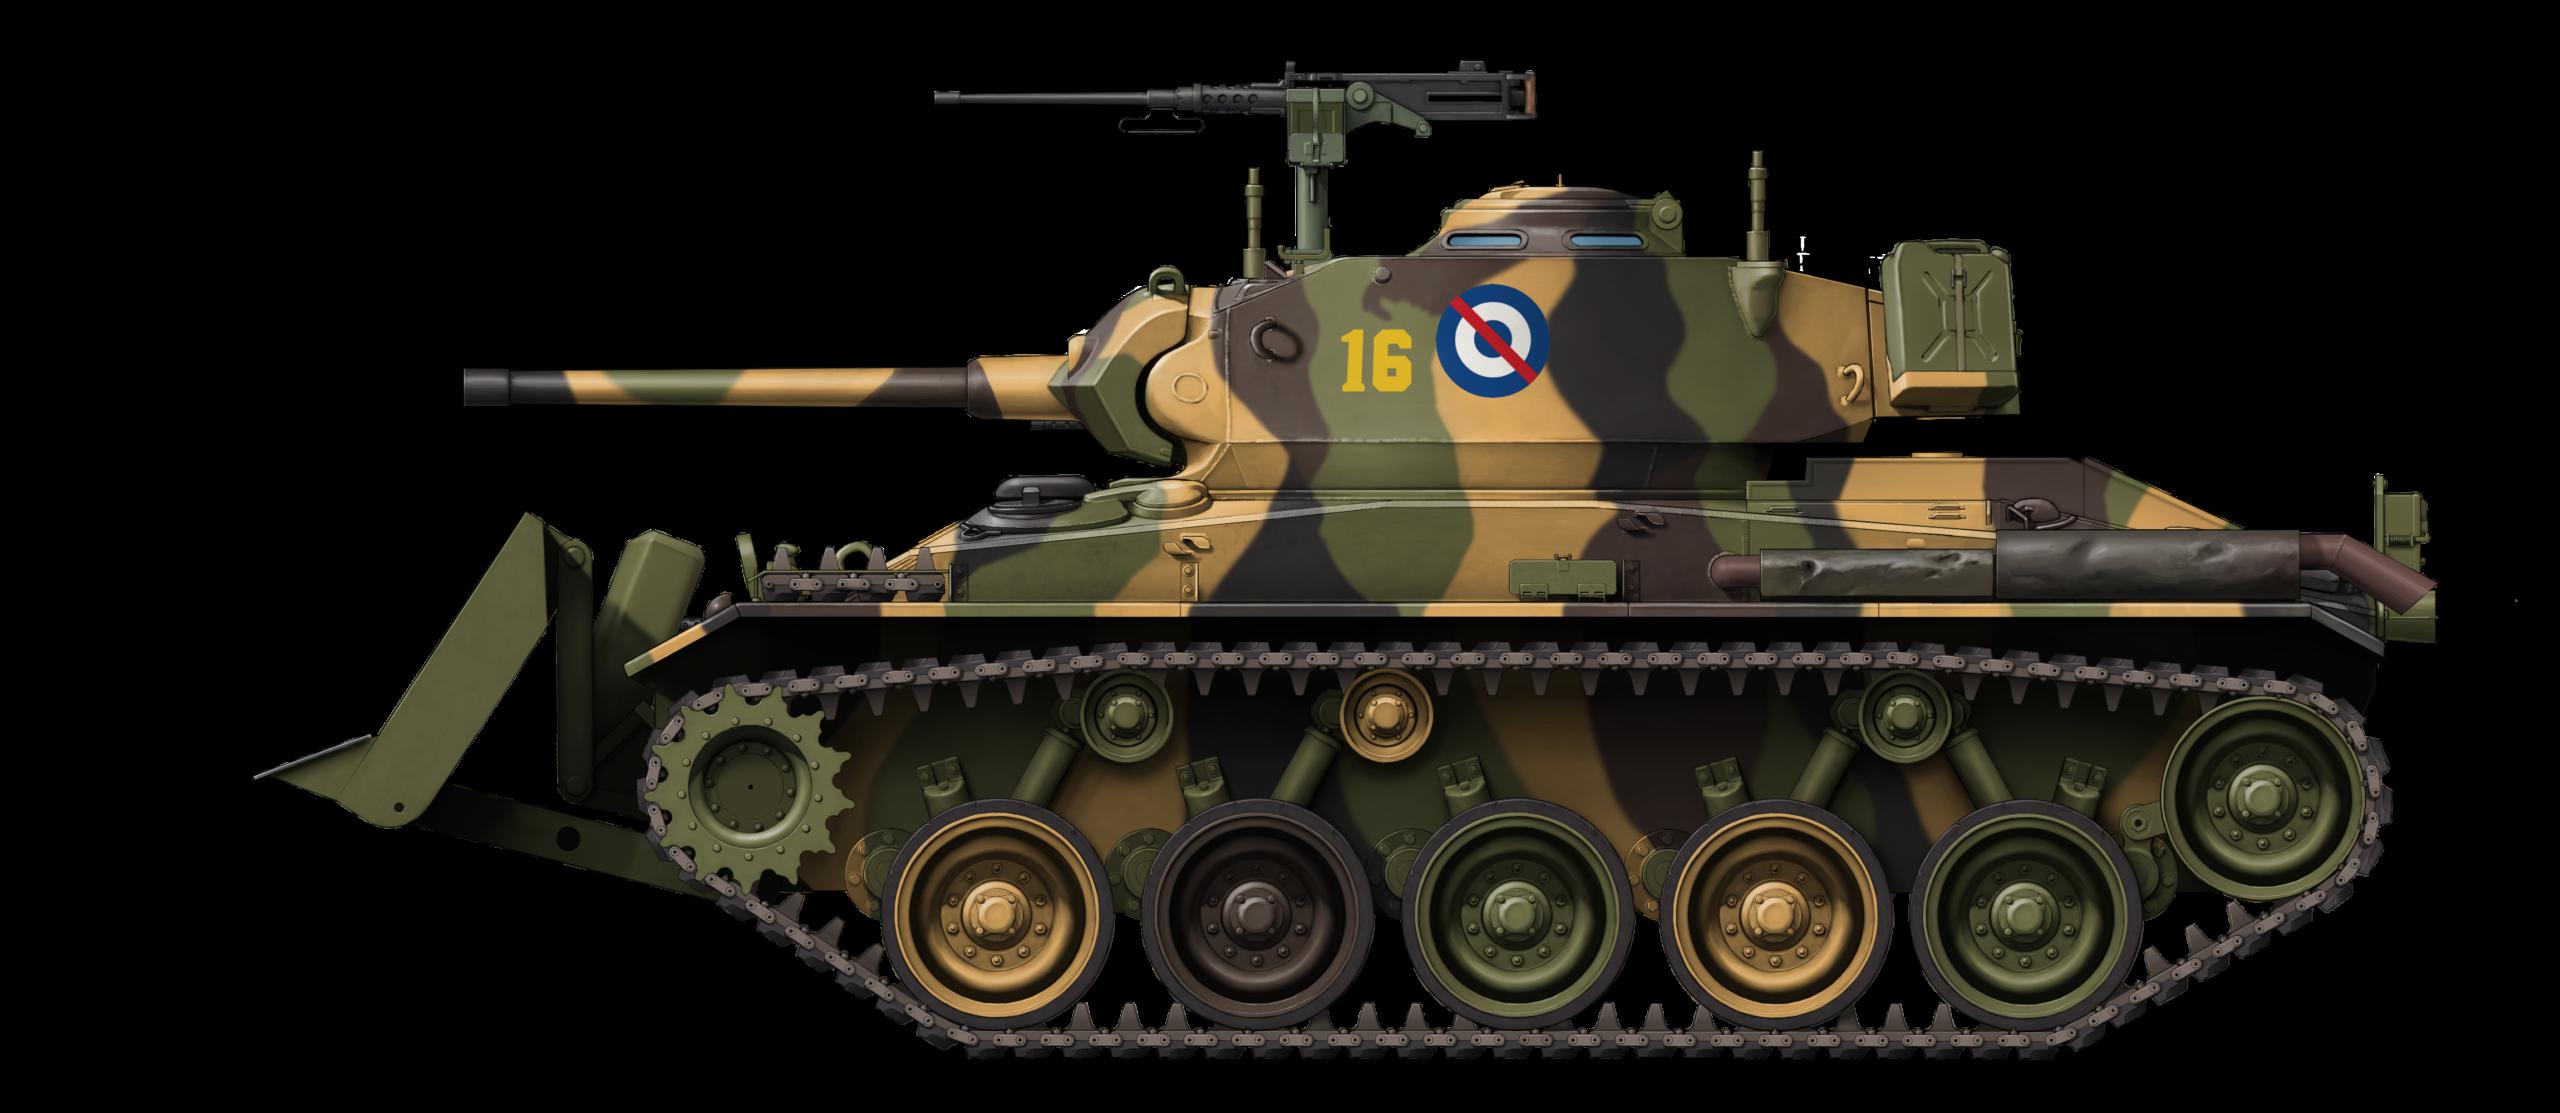 M24 Chaffee in Uruguayan service